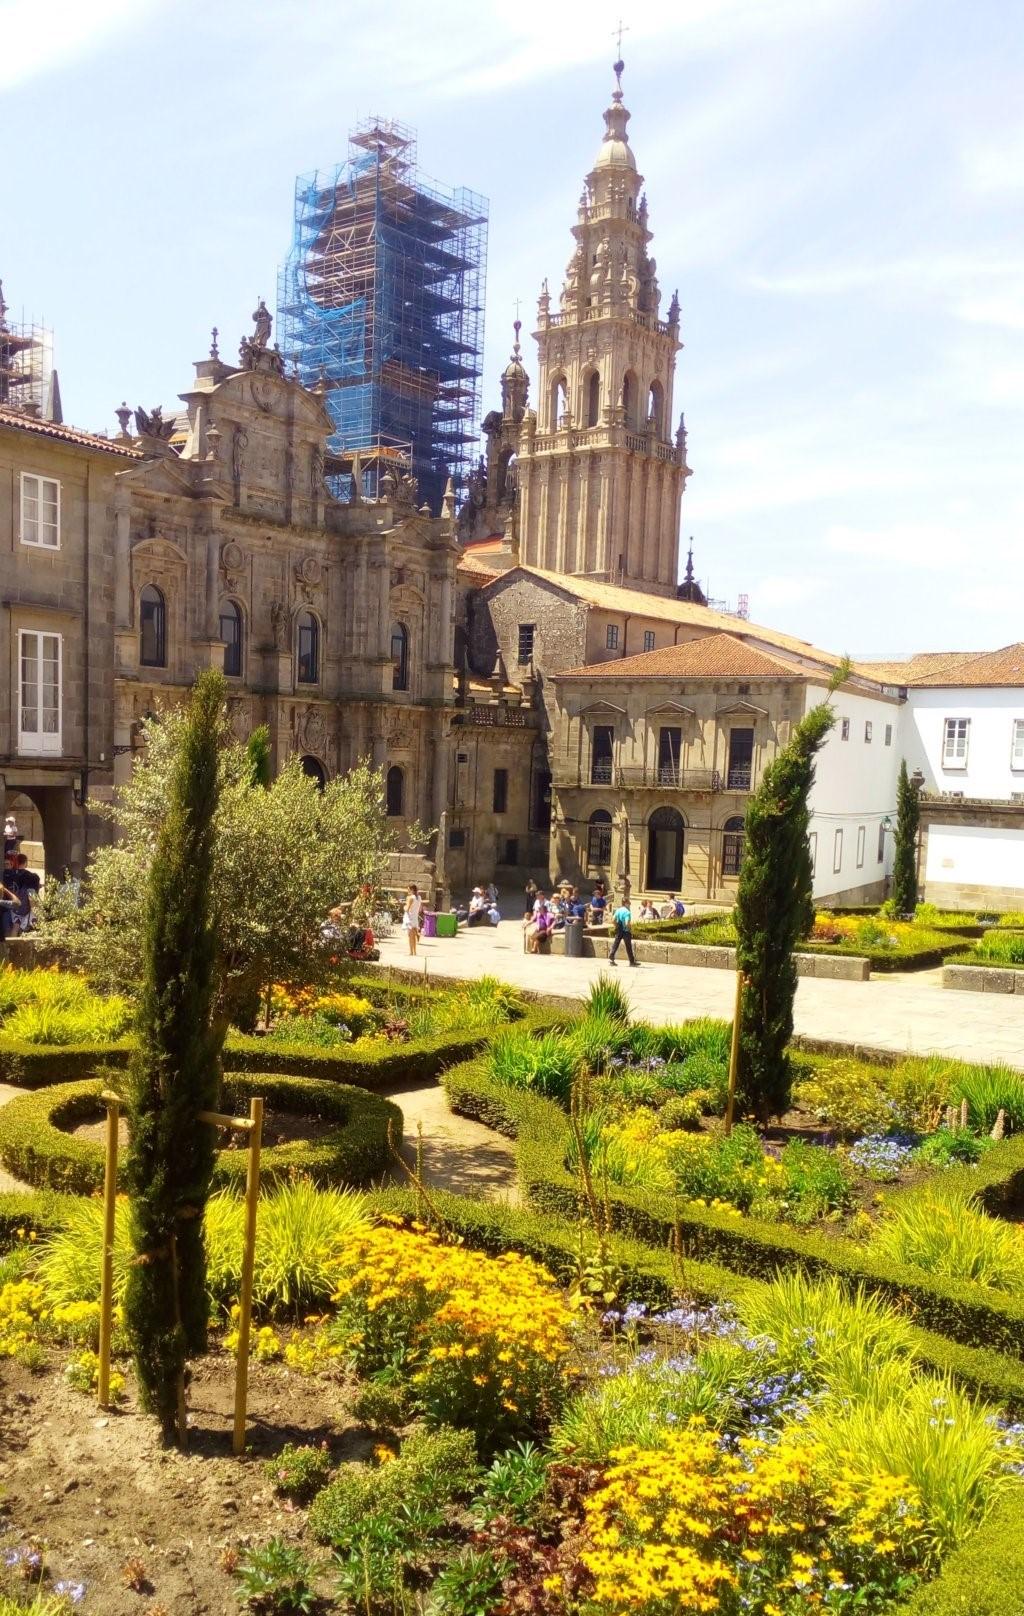 Plaza de la Inmaculada. Al fondo torres pertenecientes a la fachada del Obradoiro